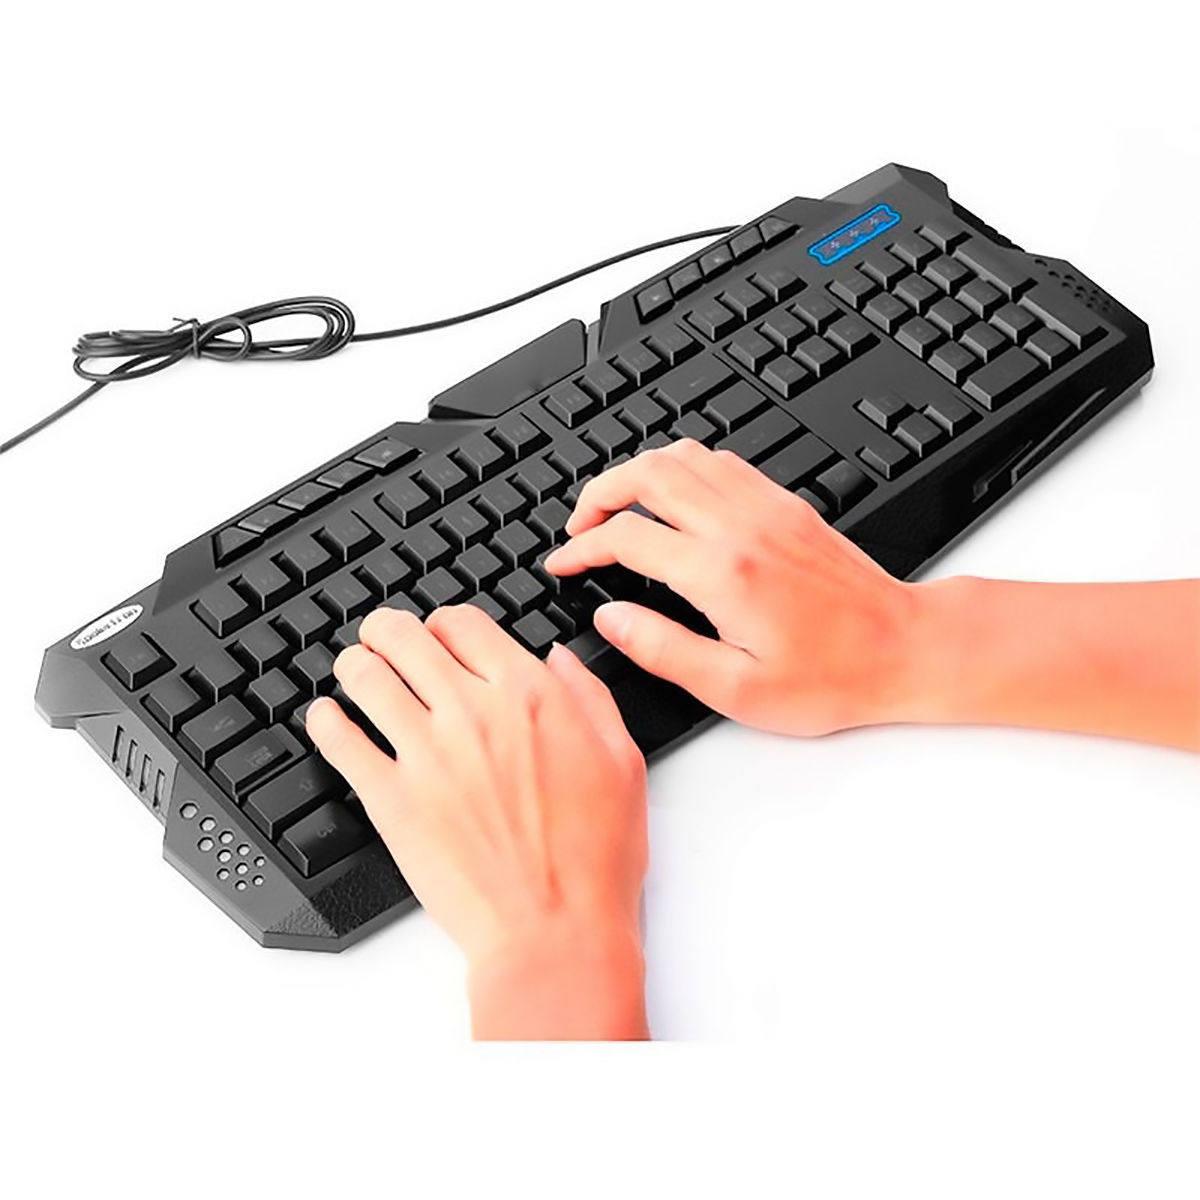 Teclado Action Gamer Multimídia com 10 Teclas de Atalho 3 Cores de retroiluminação Anti-Ghosting USB Exbom BK-G35